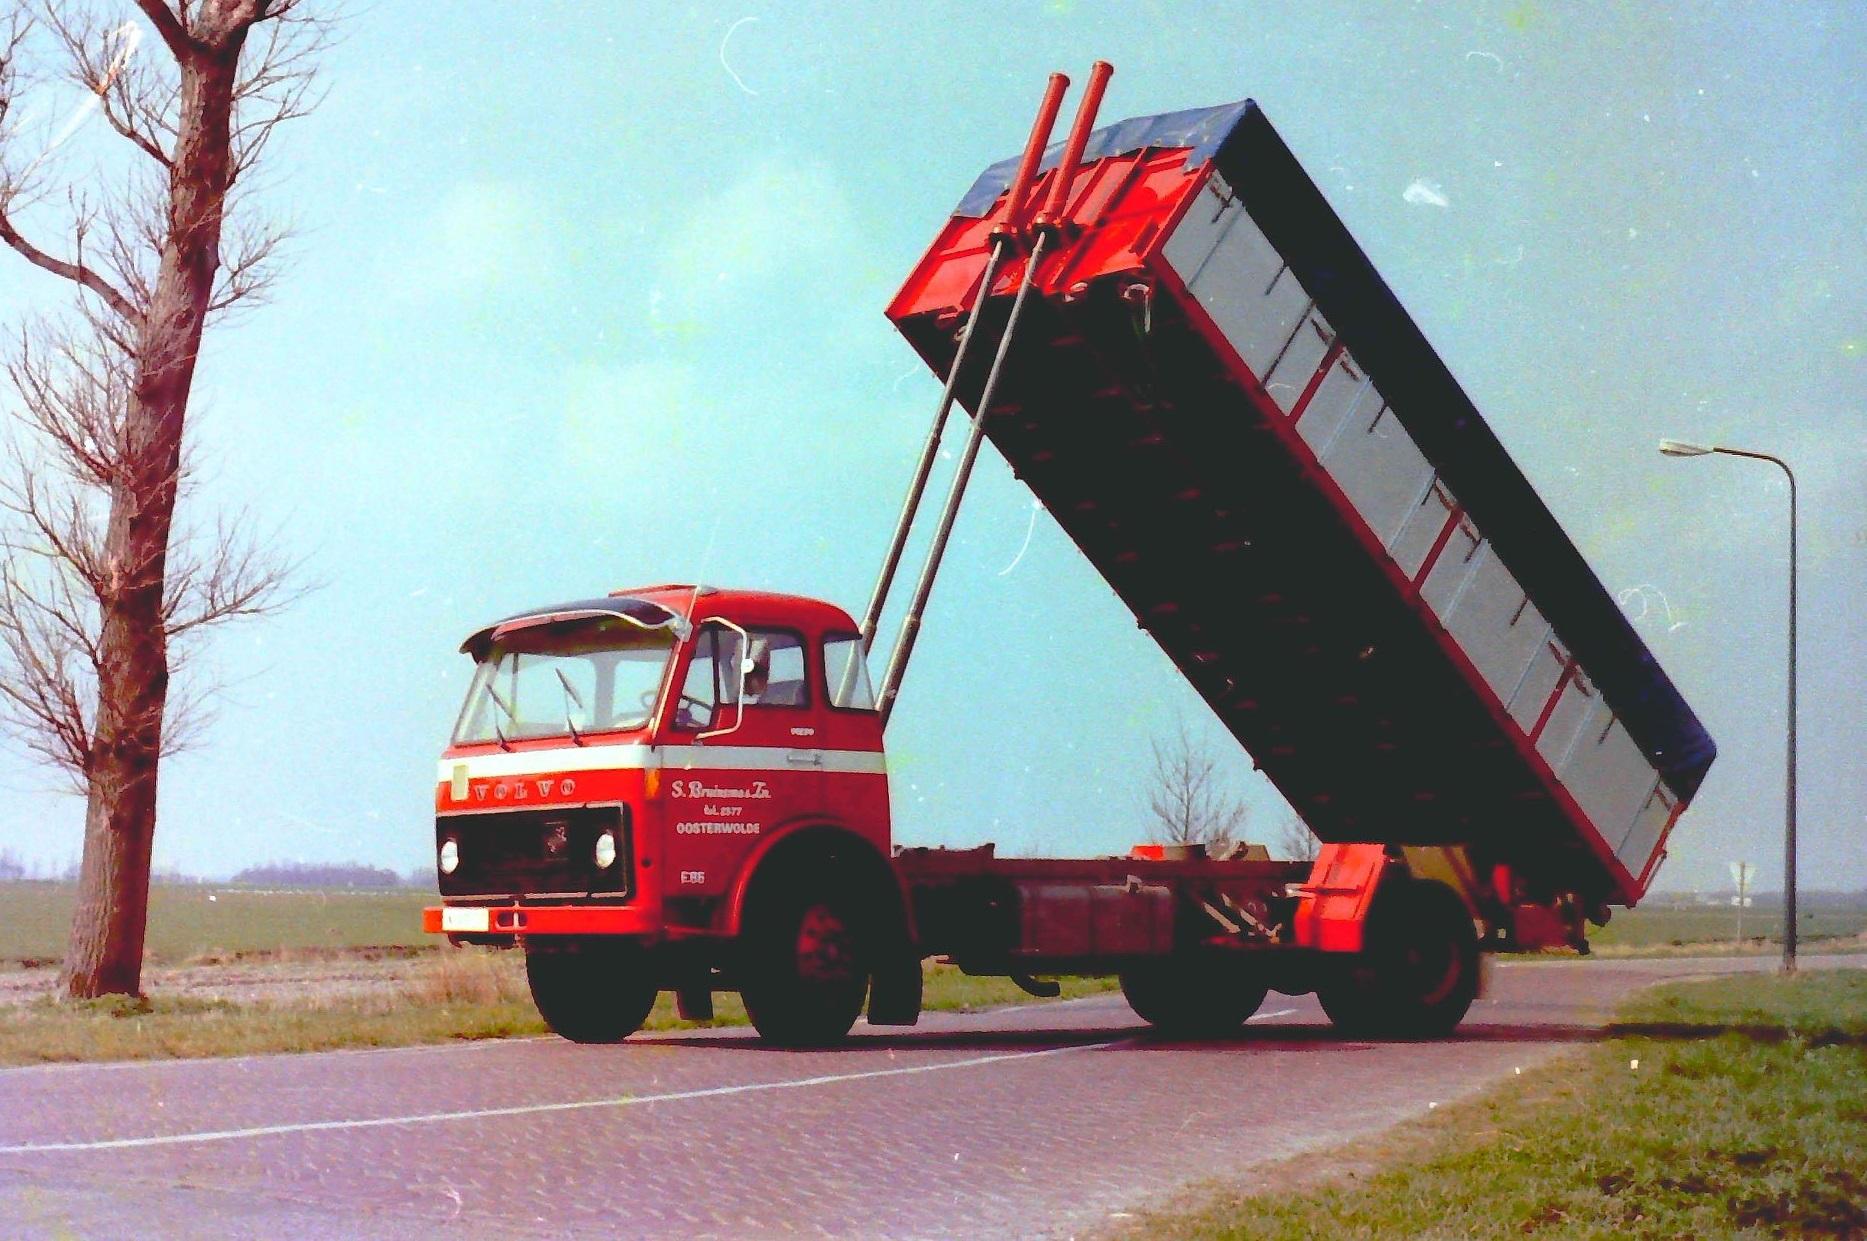 Volvo-bulkauto-is-van-S-Bruinsma-en-Zn-uit-Oosterwolde-en-is-gebouwd-door-Rondaan-toen-nog-in-Beetgum-3